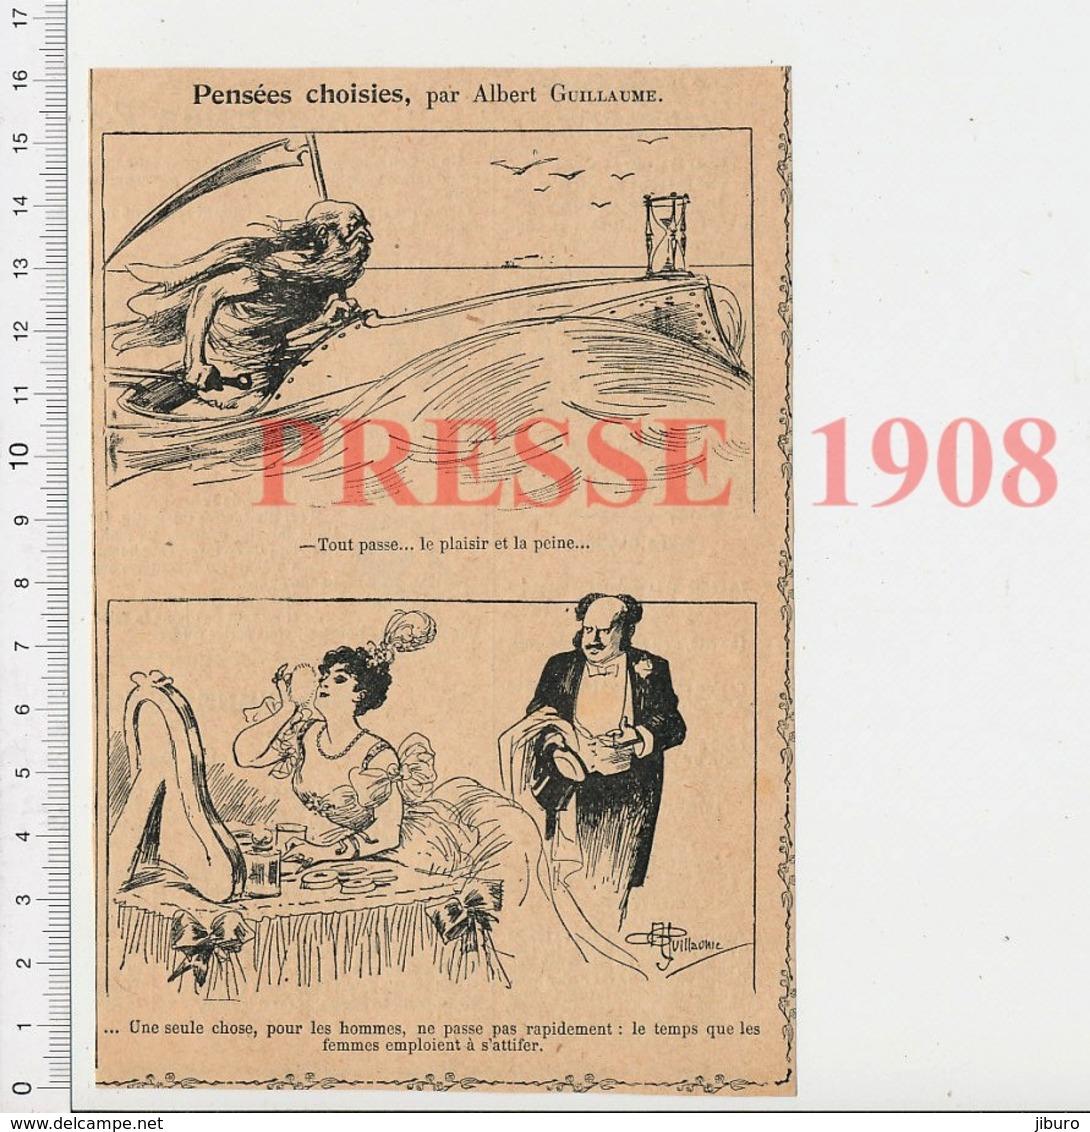 Presse 1908 Humour Notion Du Temps Qui Passe Fauche-la-mort Faux Vieilard Sablier Maquillage Femme Poudre De Riz 223CHV6 - Vieux Papiers